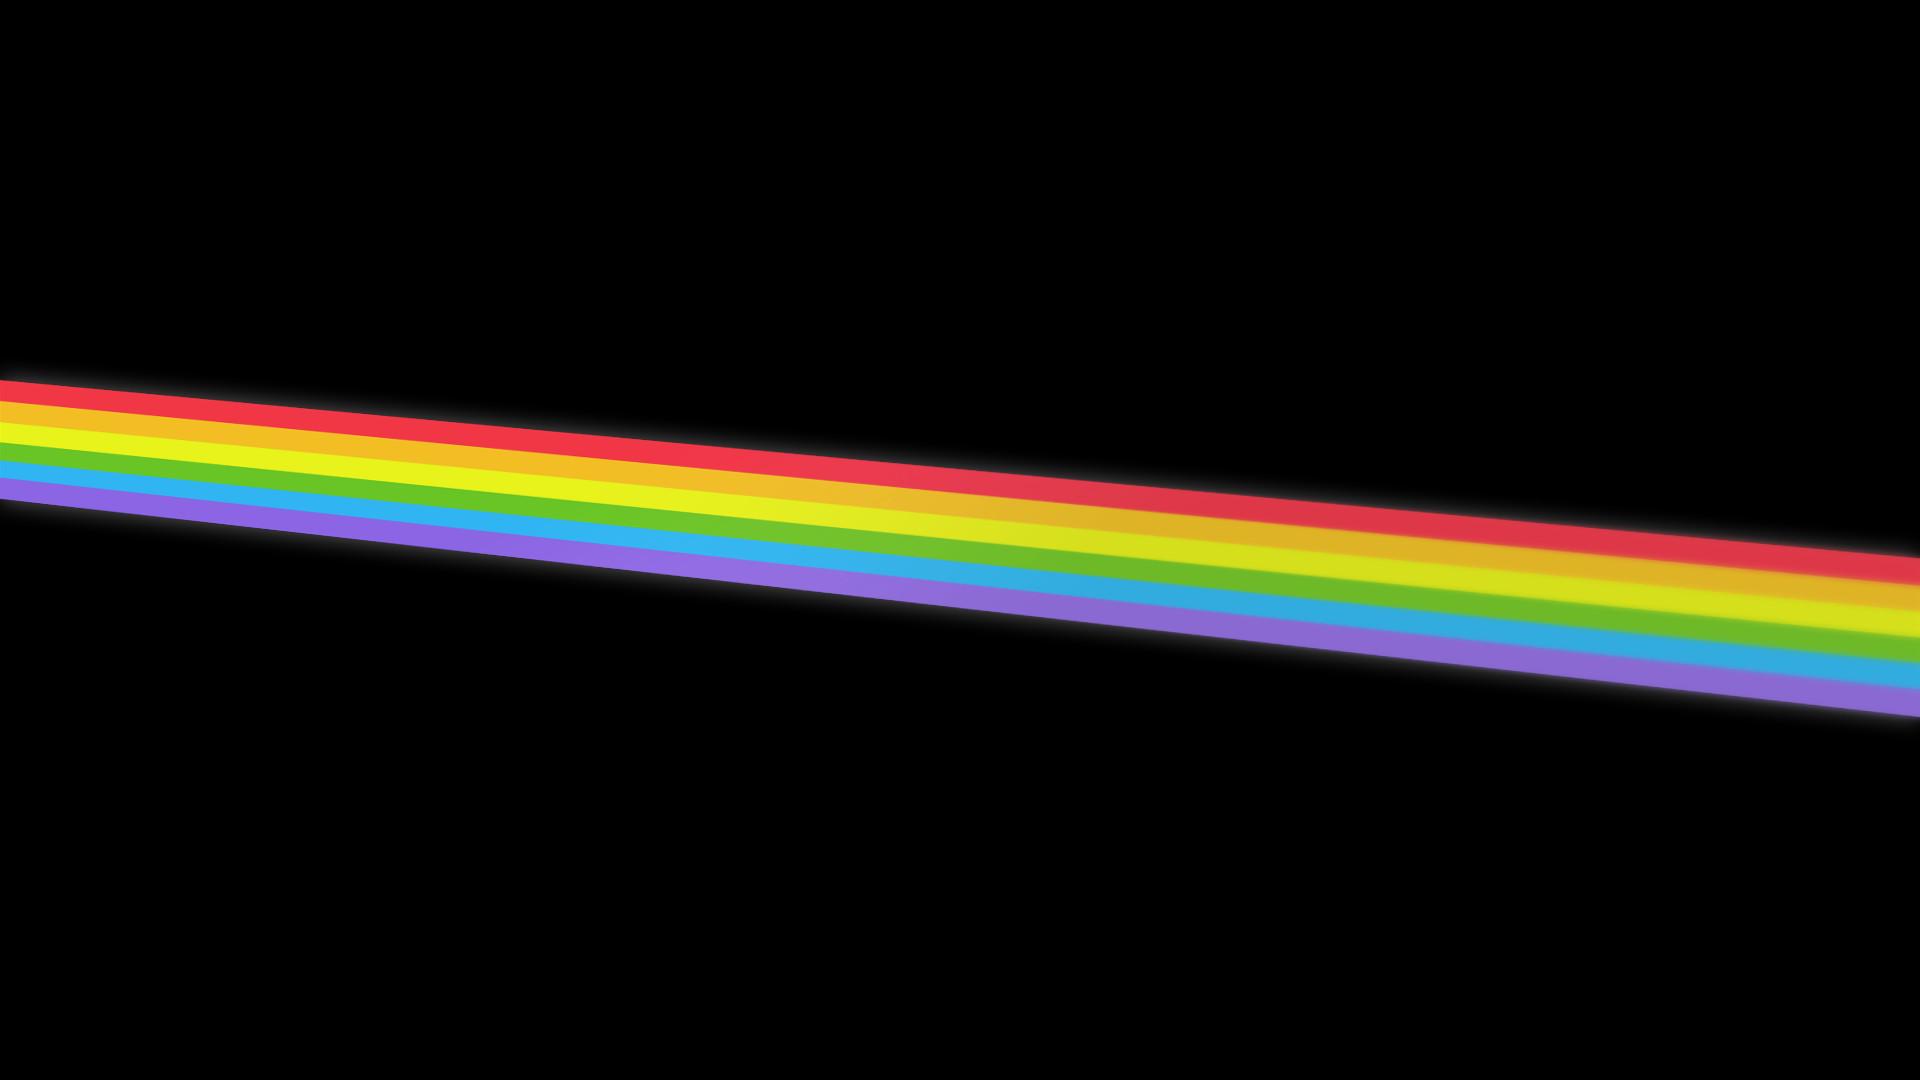 картинки радужные полосы в черном фоне